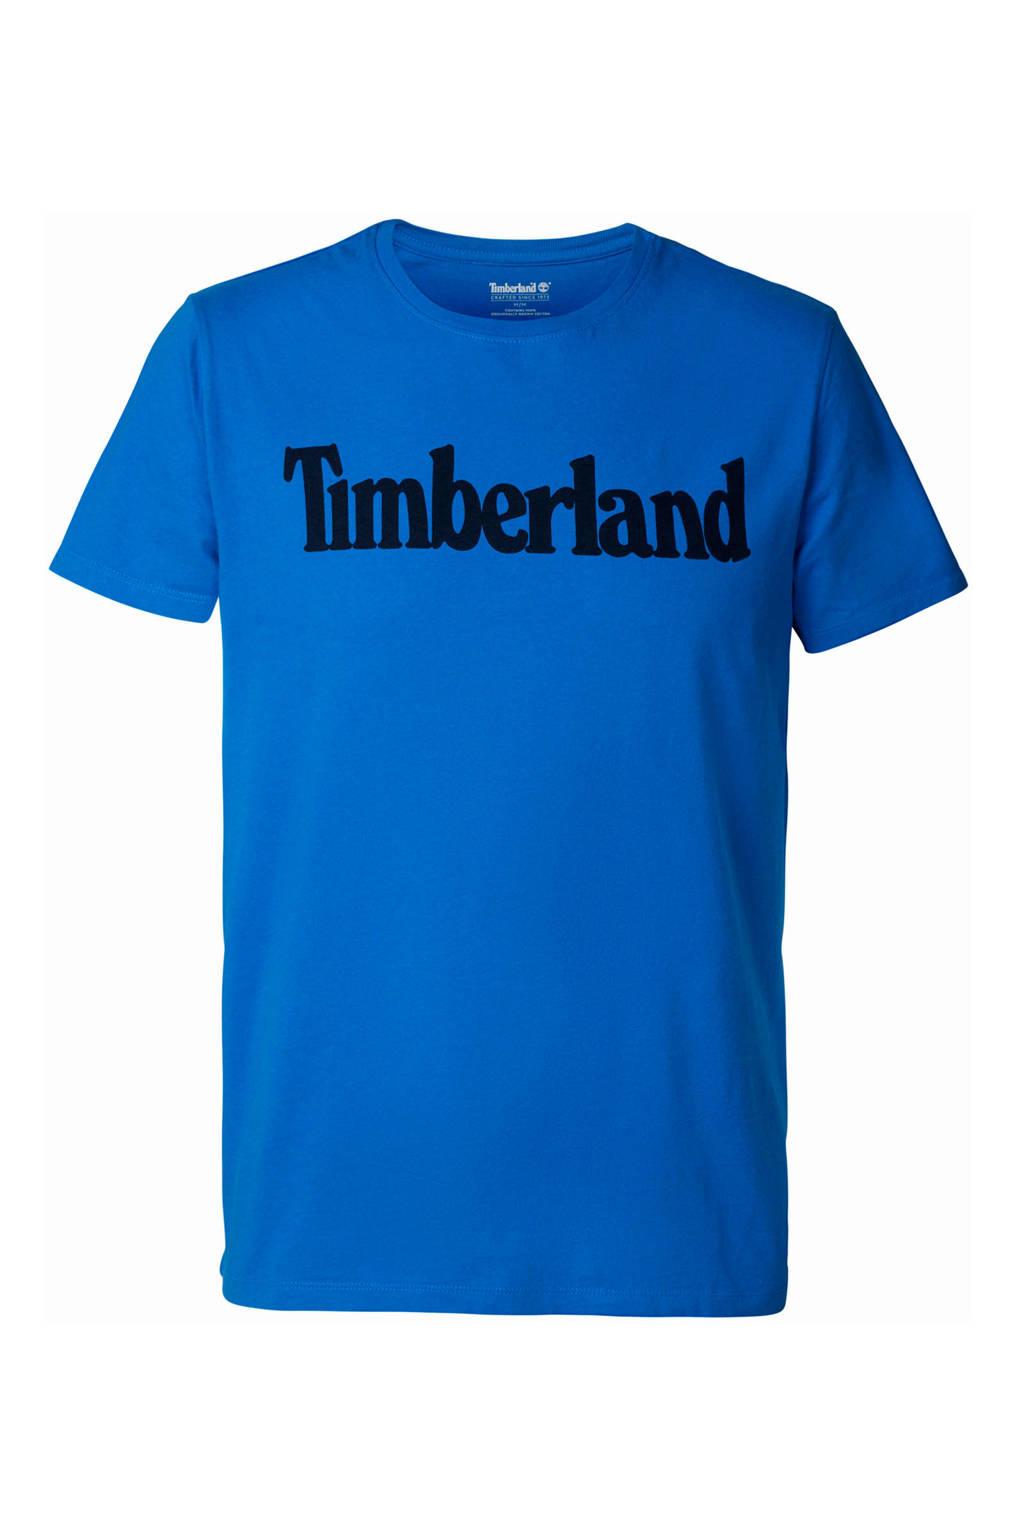 Timberland T-shirt met logo blauw, Blauw